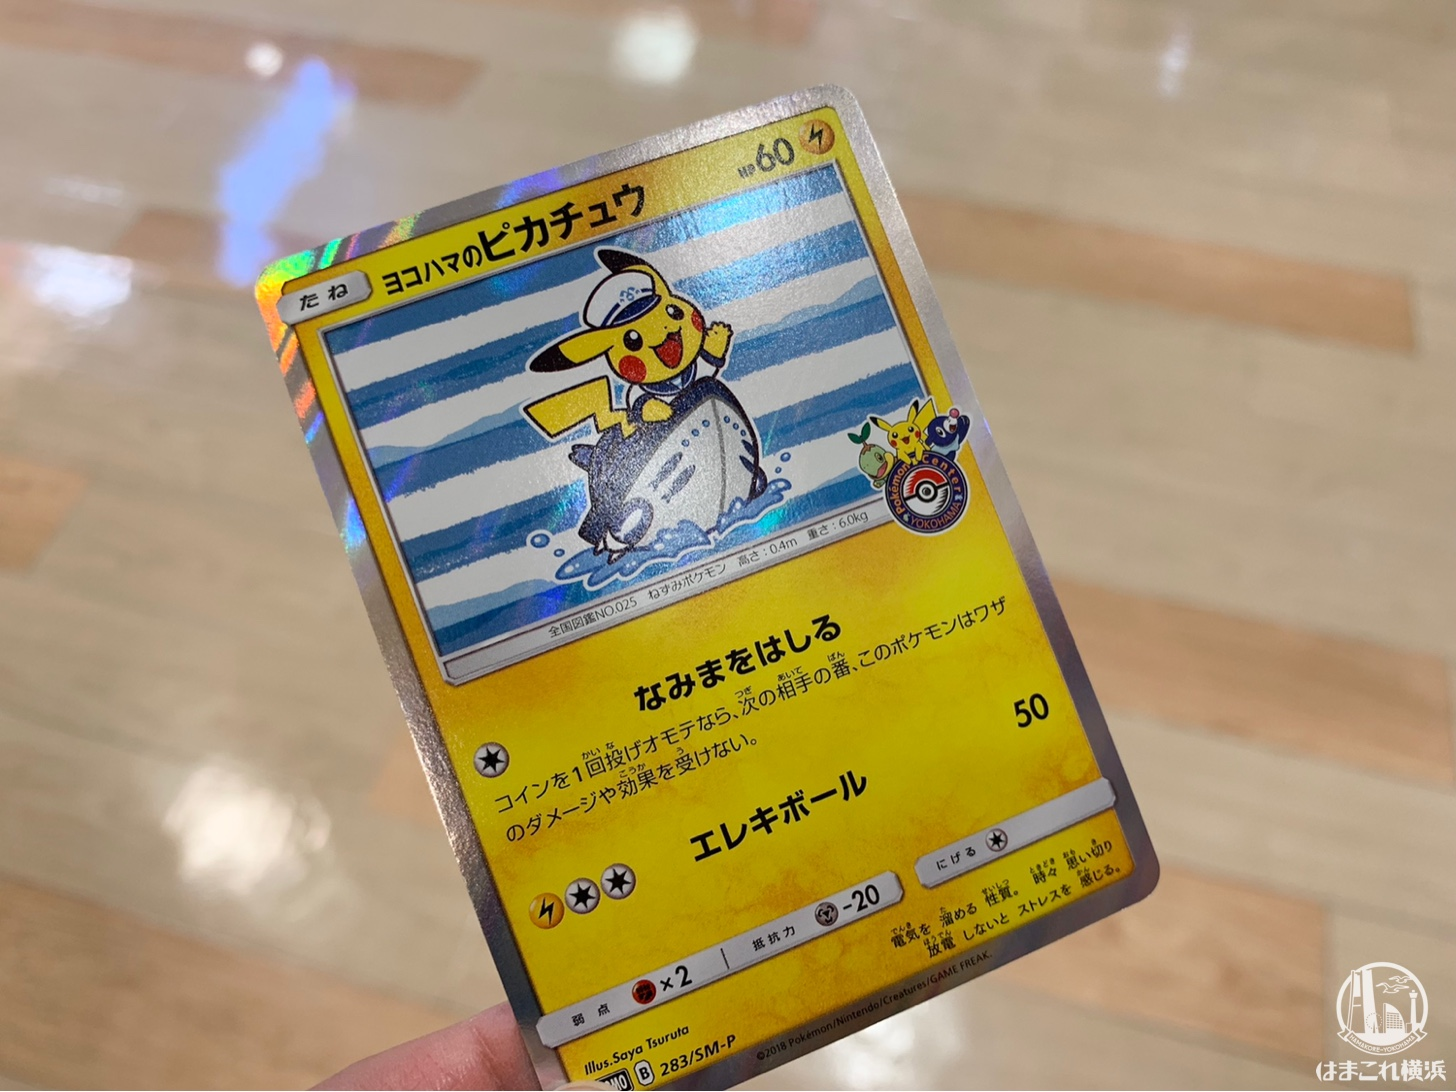 ヨコハマのピカチュウ プロモカード